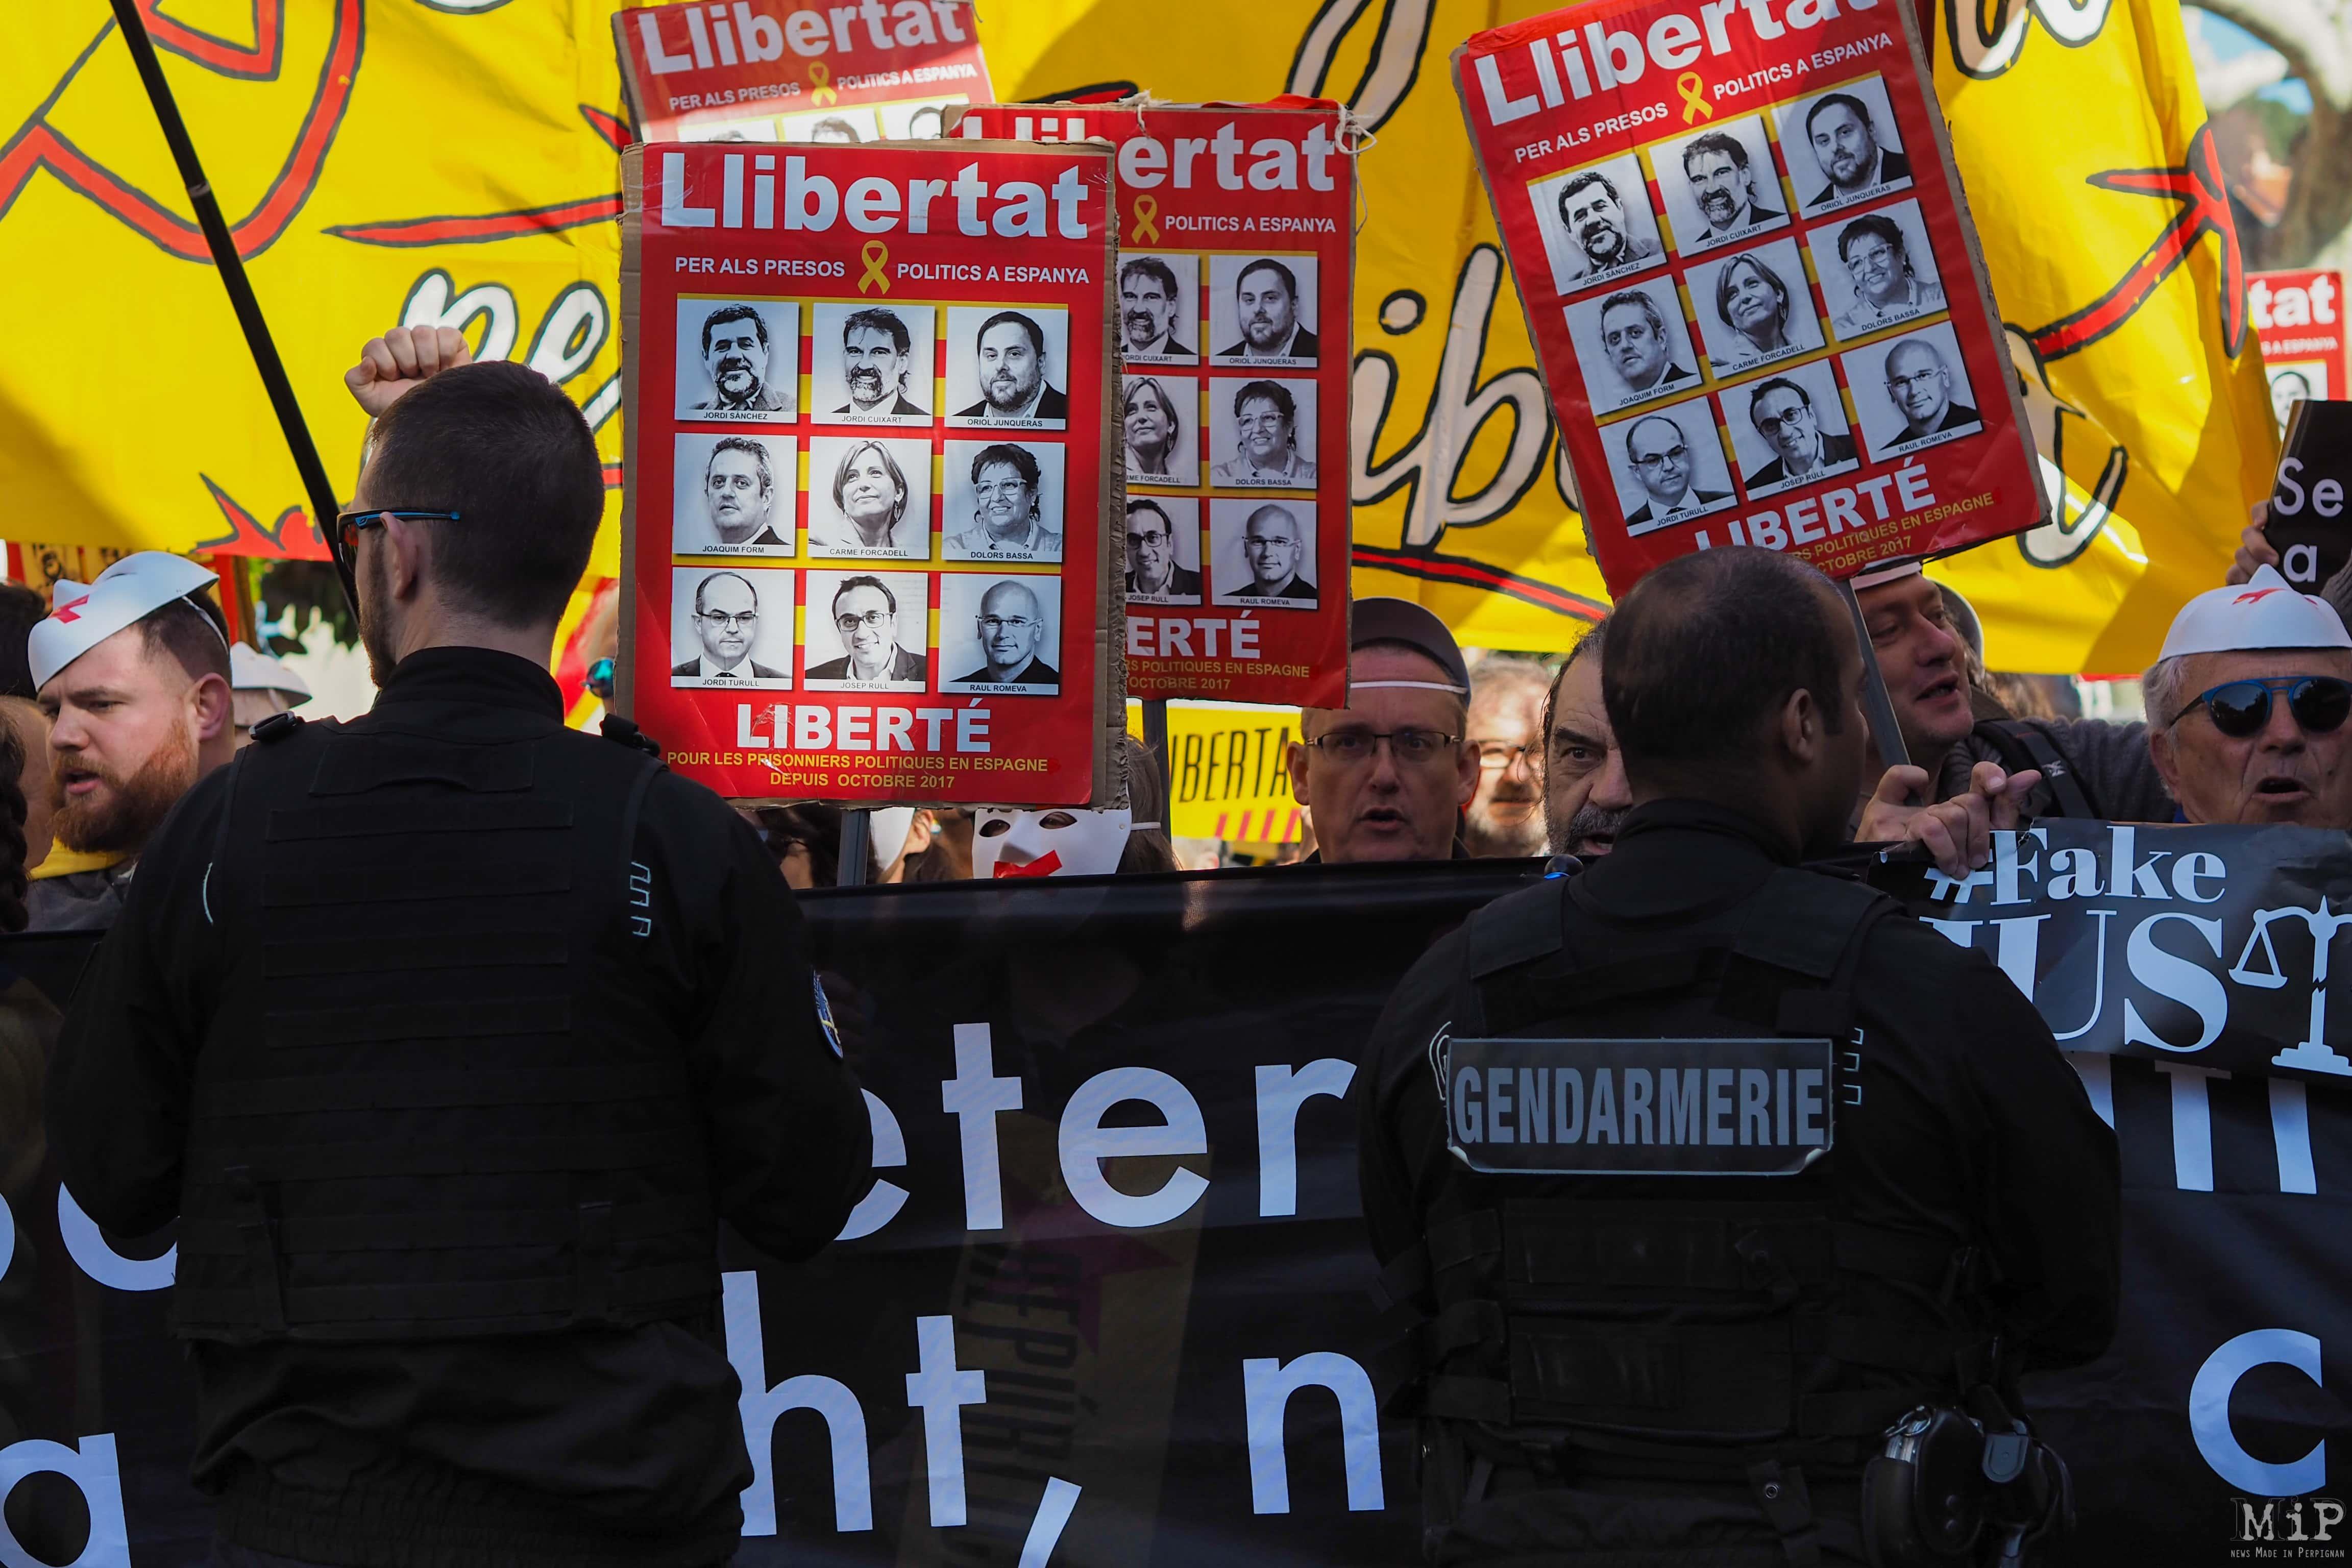 Le Président du gouvernement Espagnol rend hommage aux exilés de La Retirada - Février 2019 - Collioure et Argeles-sur-Mer-5